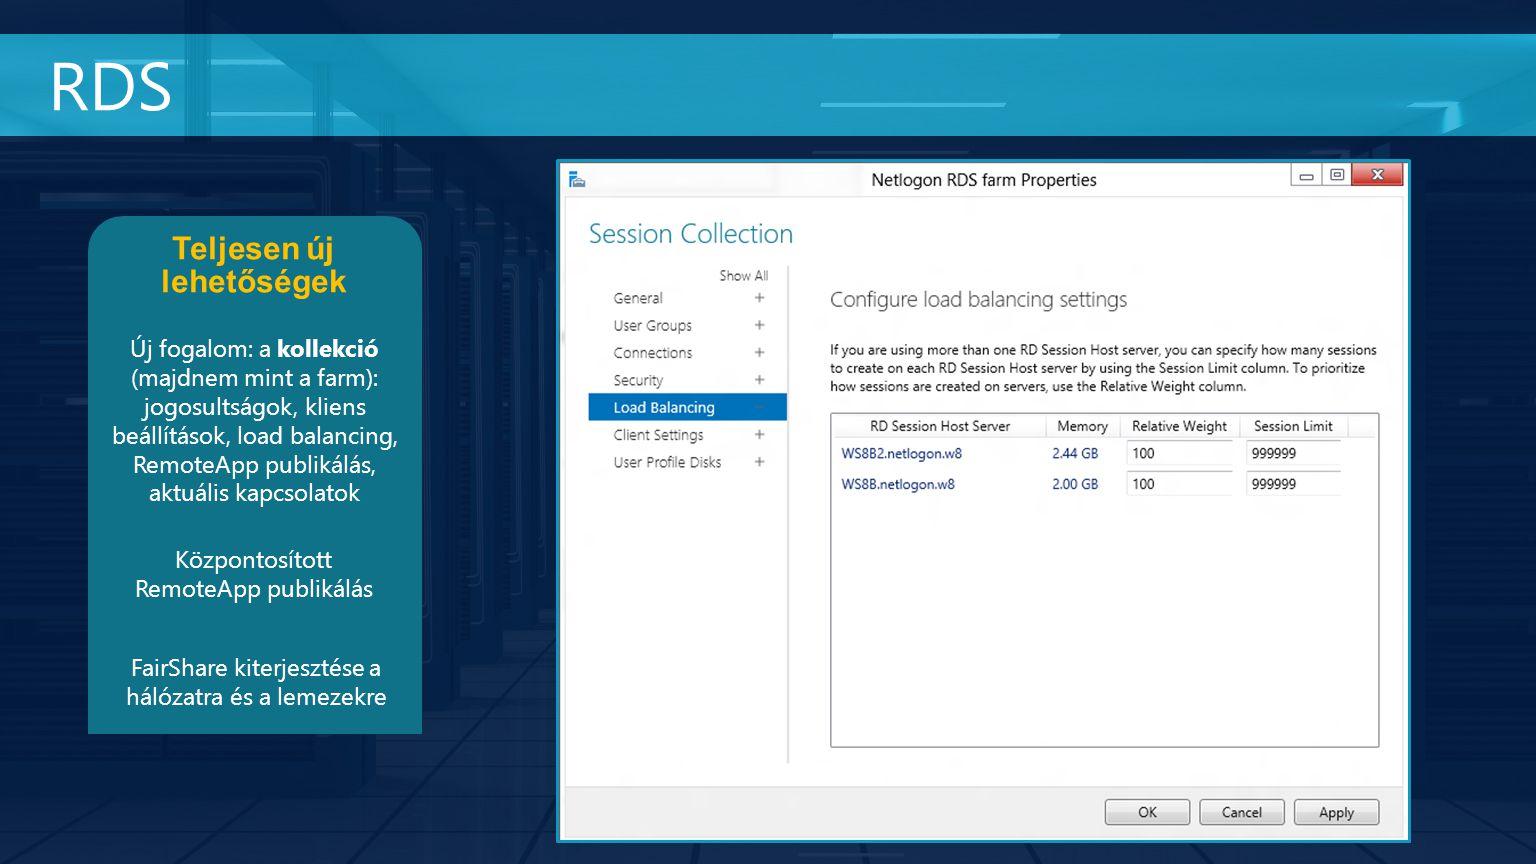 RDS Teljesen új lehetőségek Új fogalom: a kollekció (majdnem mint a farm): jogosultságok, kliens beállítások, load balancing, RemoteApp publikálás, aktuális kapcsolatok Központosított RemoteApp publikálás FairShare kiterjesztése a hálózatra és a lemezekre